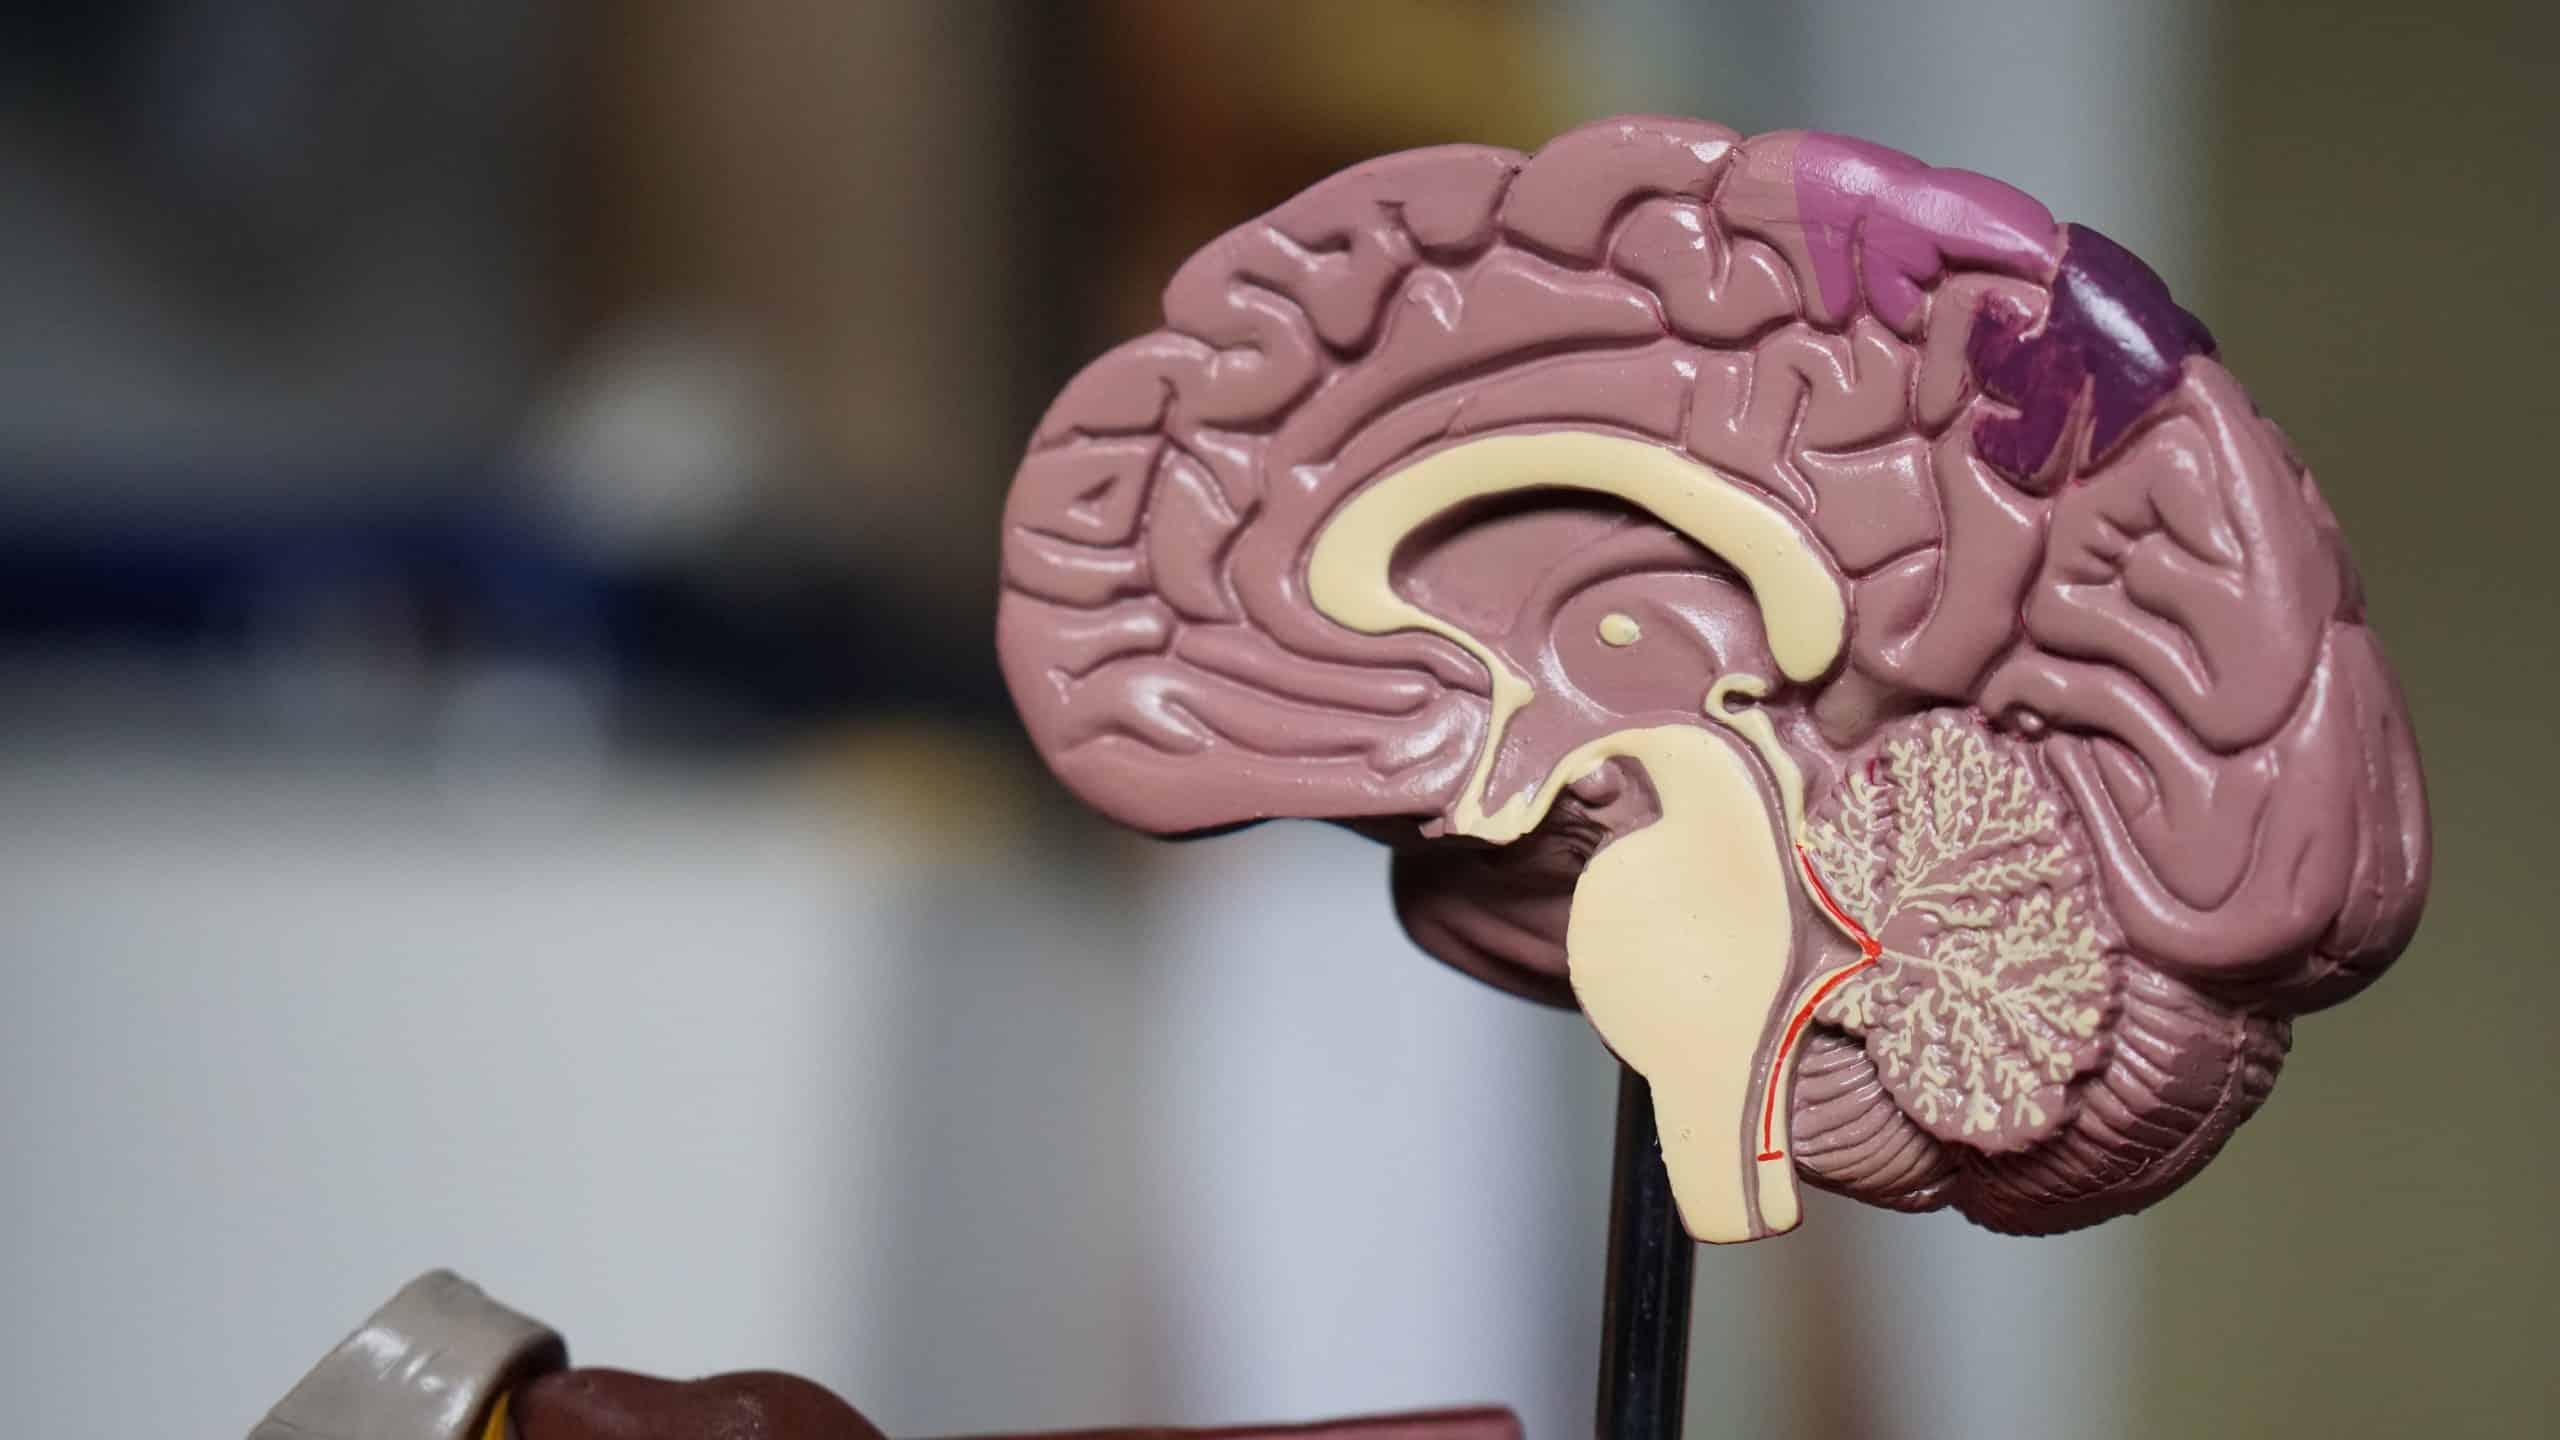 Tamanho do cérebro humano: como isso influencia a inteligência?